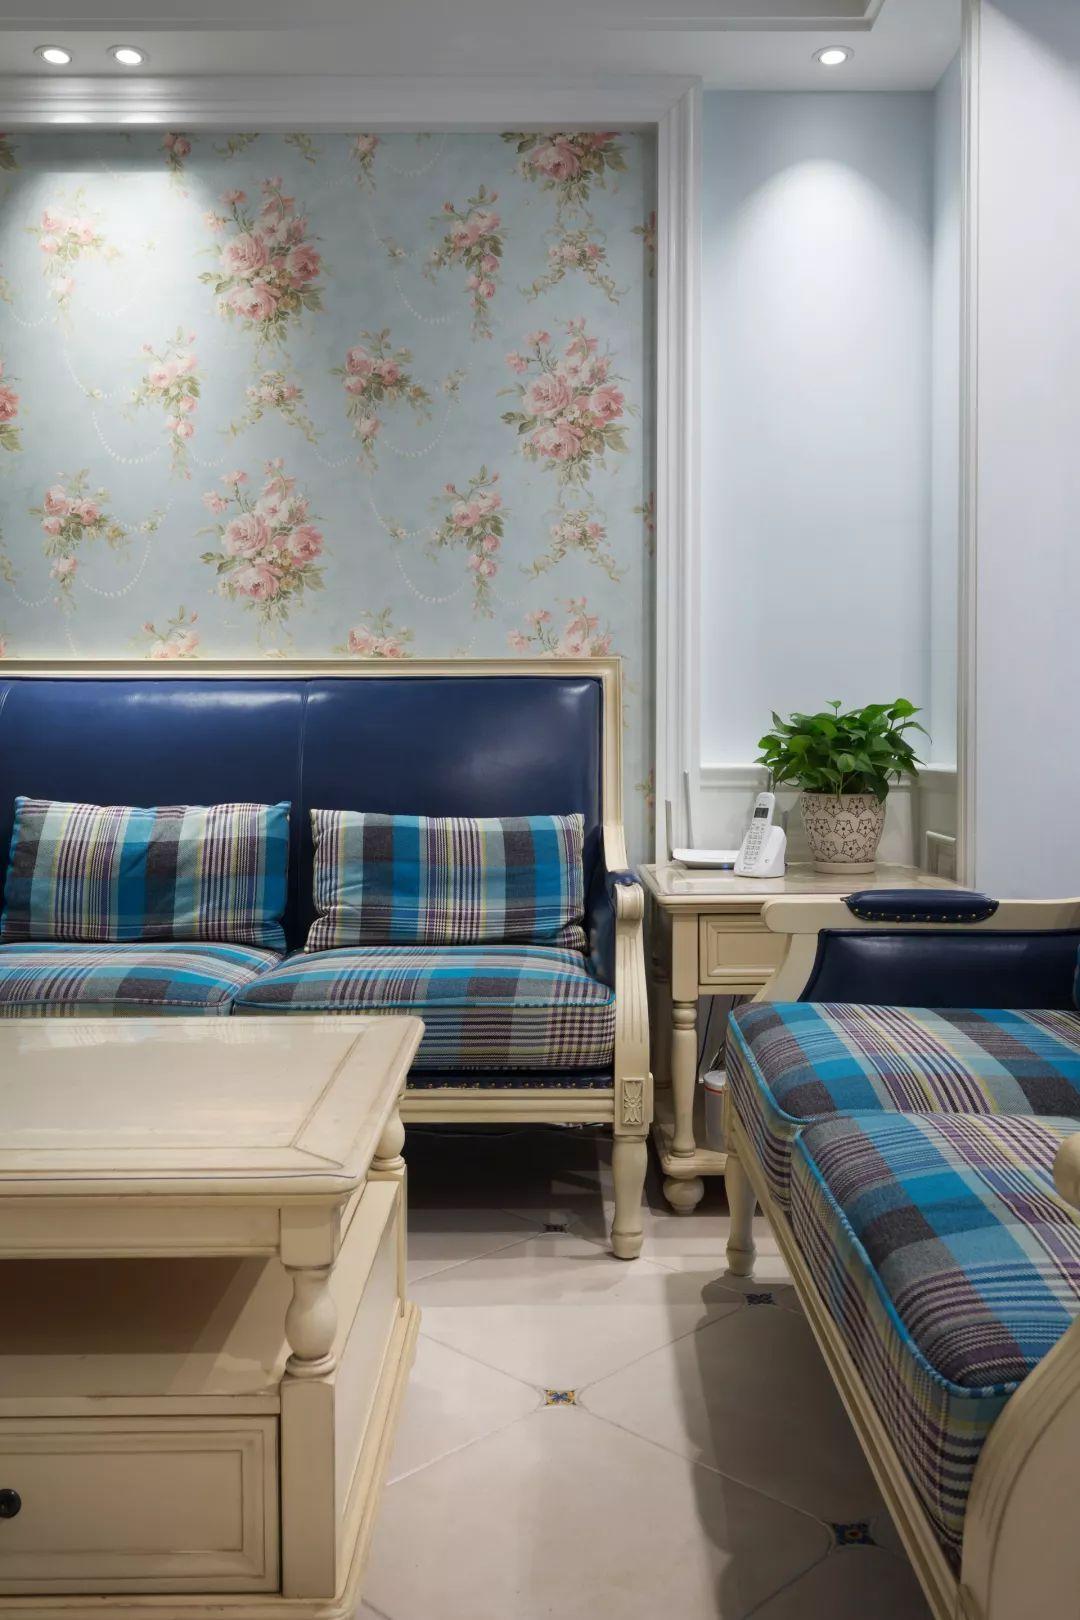 时尚 正文  ▲蓝色皮沙发,结合一套格纹坐垫,在田园花饰的沙发背景墙图片